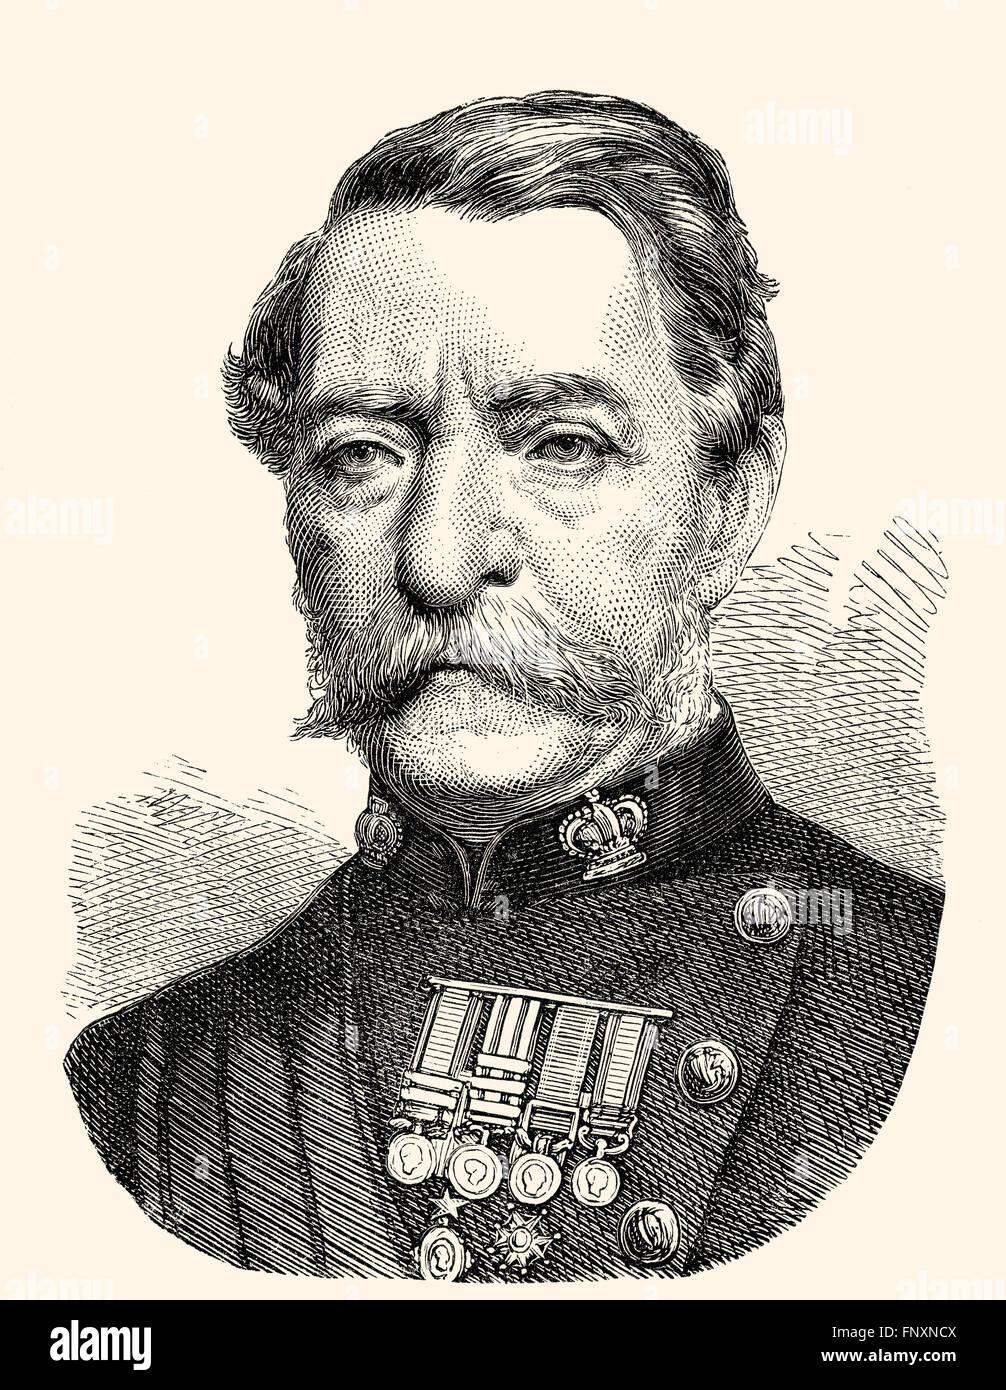 Robert Cornelis Napier, 1st Baron of Magdala, 1810 - 1890, a British field marshal - Stock Image